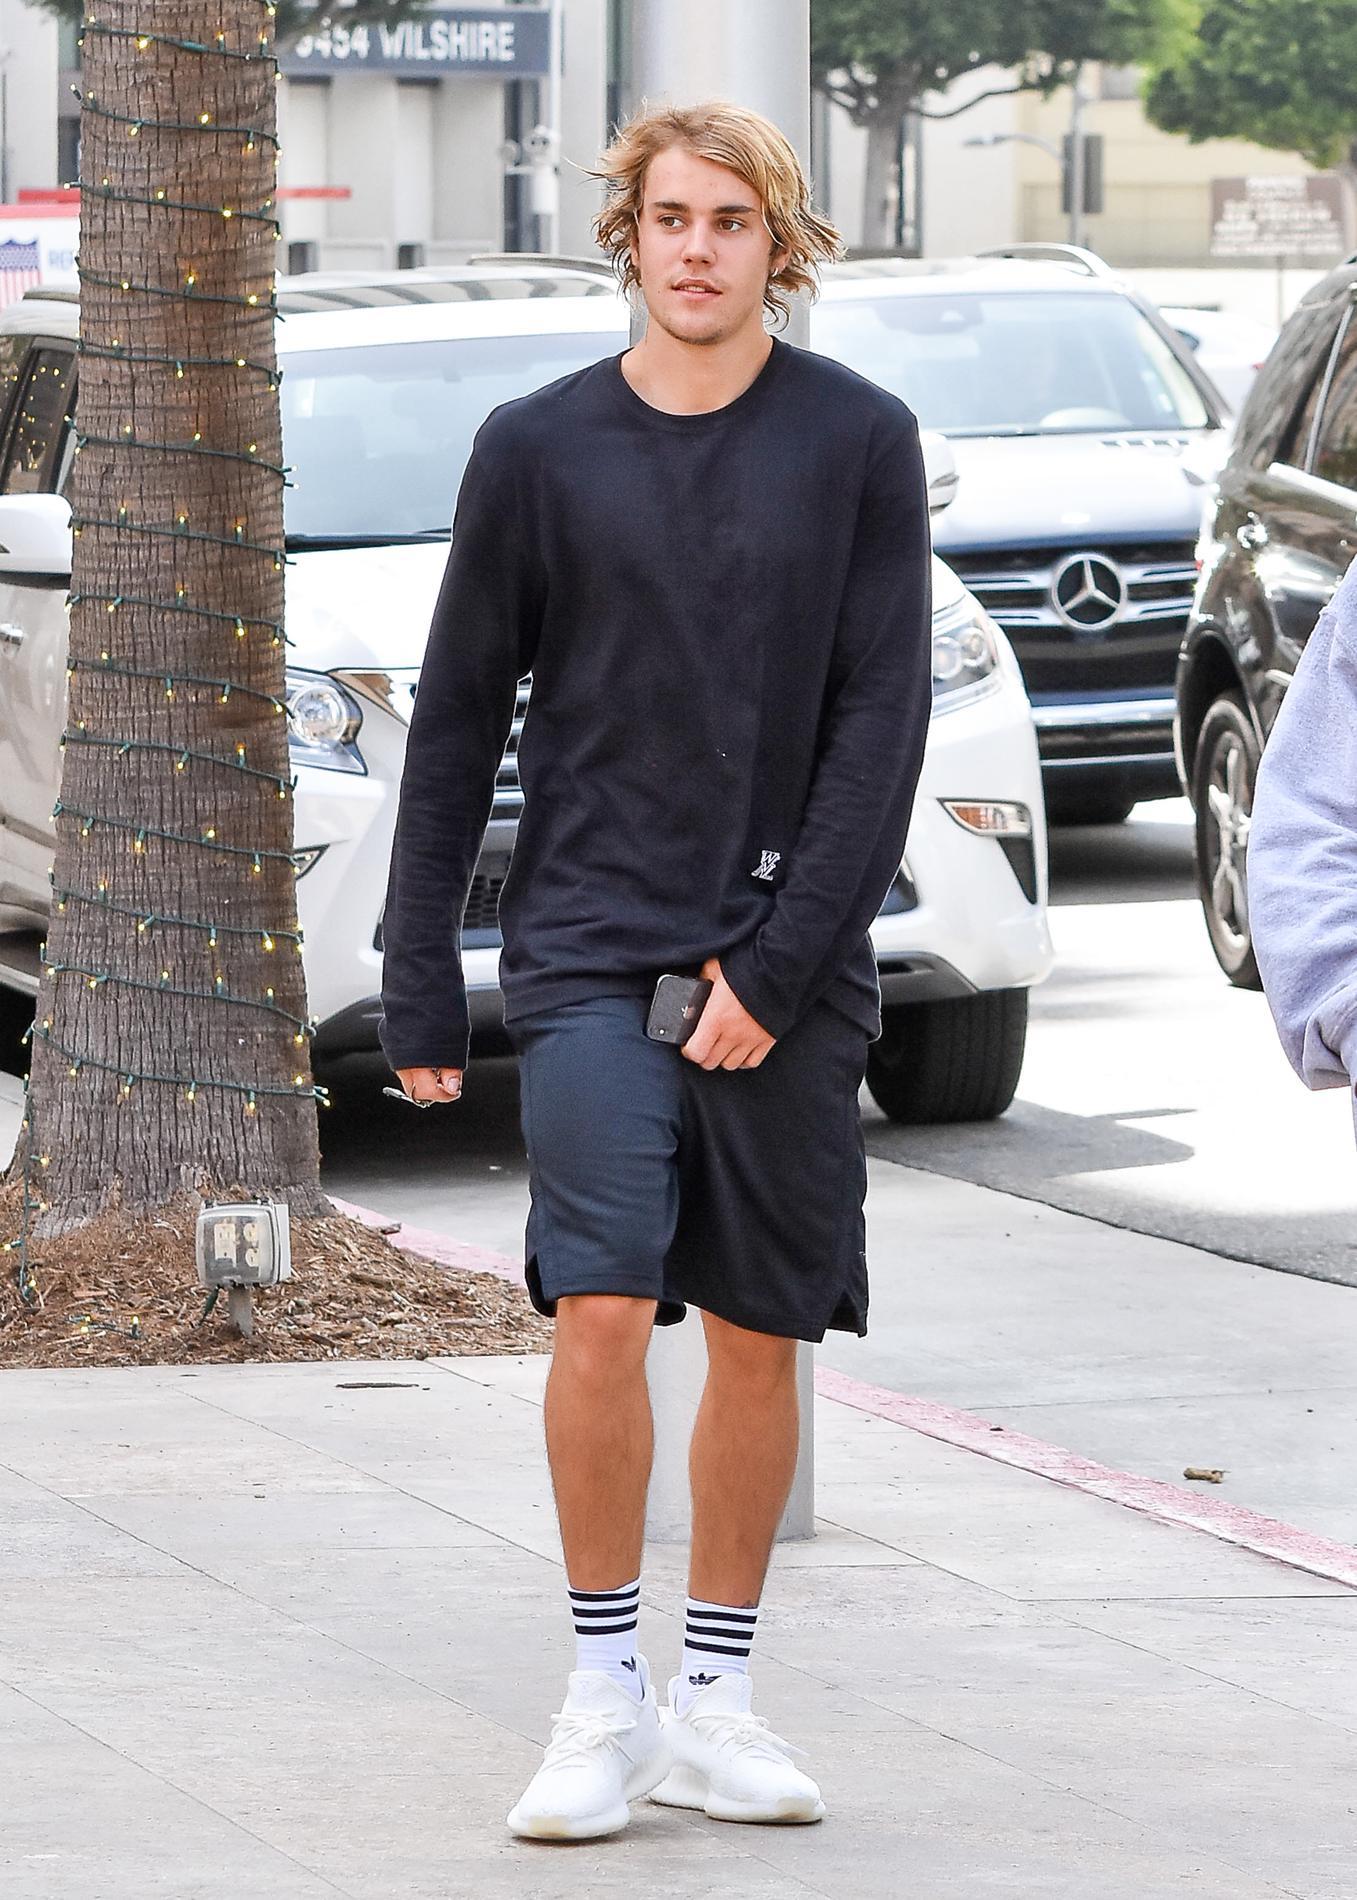 À Coachella, Justin Bieber vole au secours d\u0027une festivalière agressée